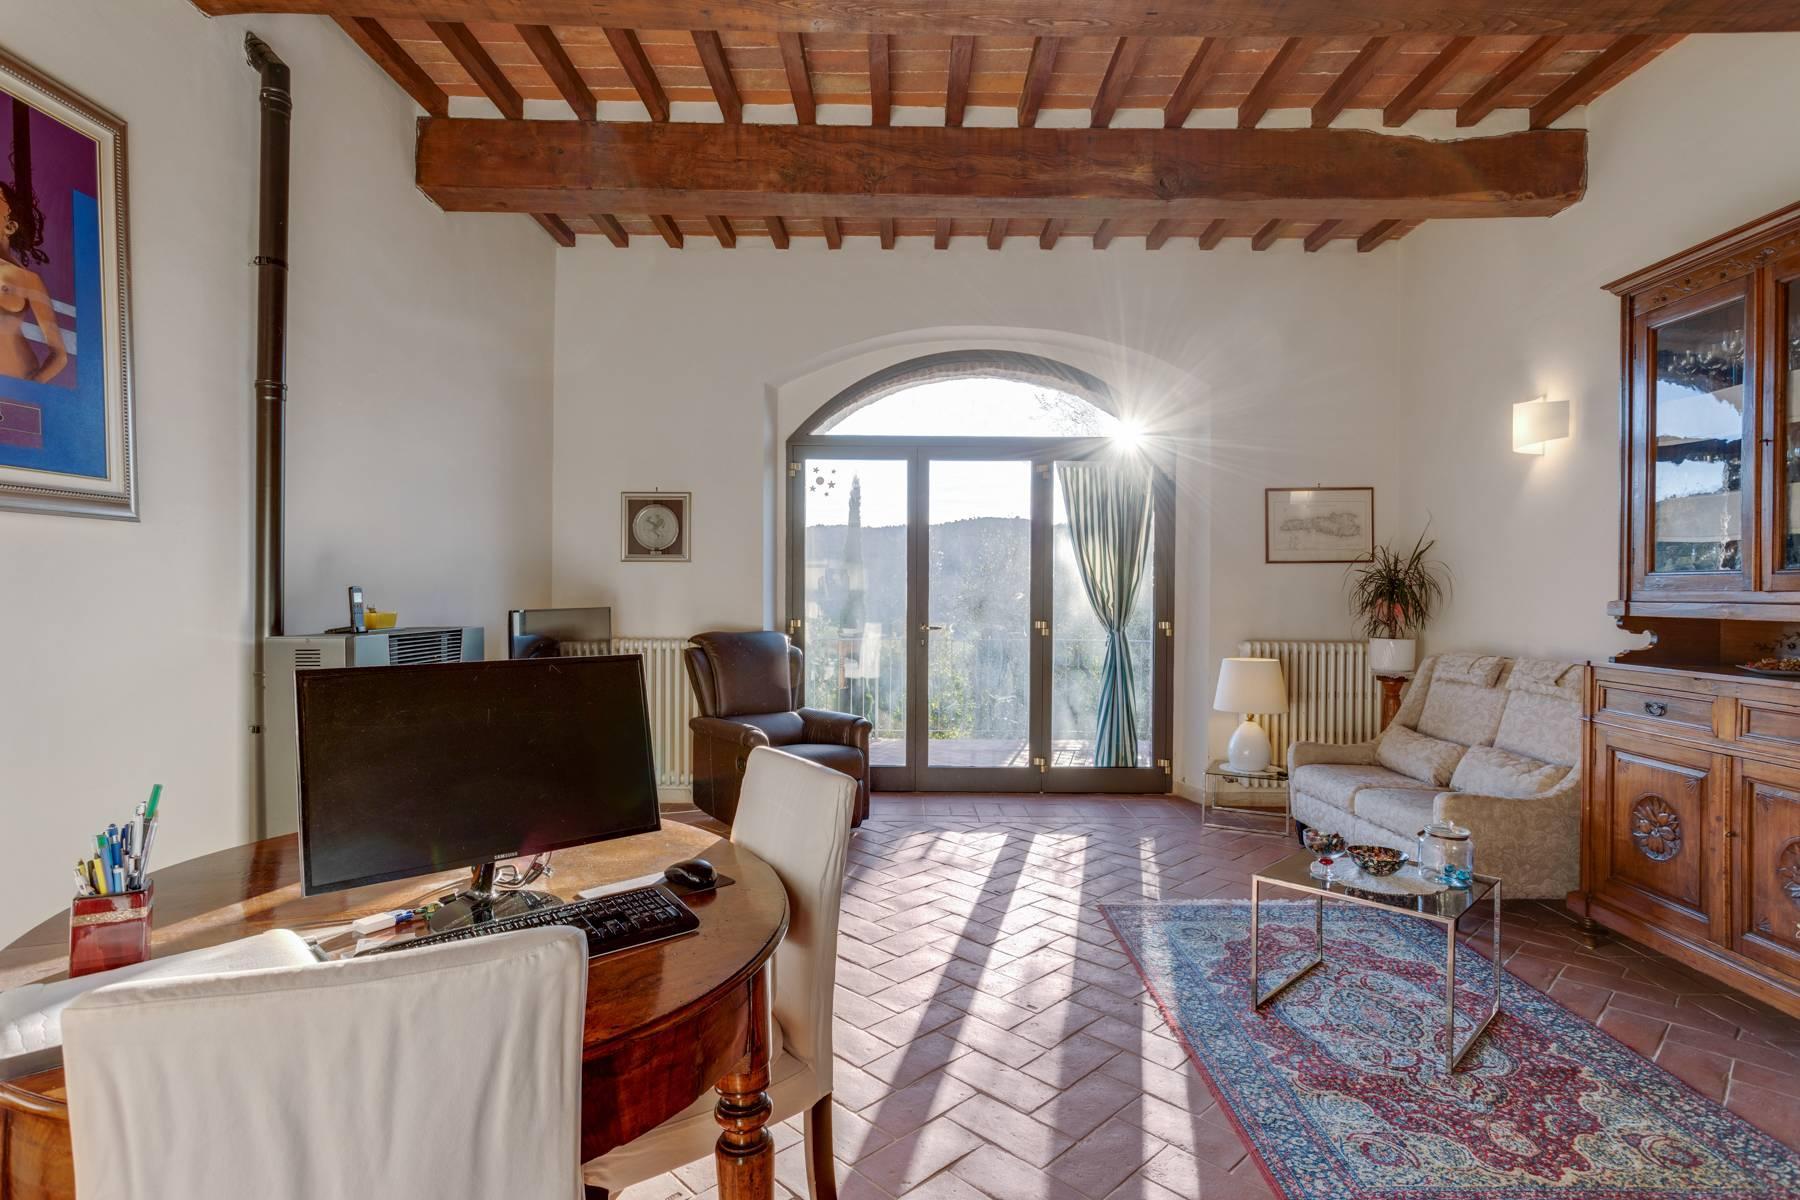 Casale con agriturismo e vigneto a pochi passi da Montepulciano - 10